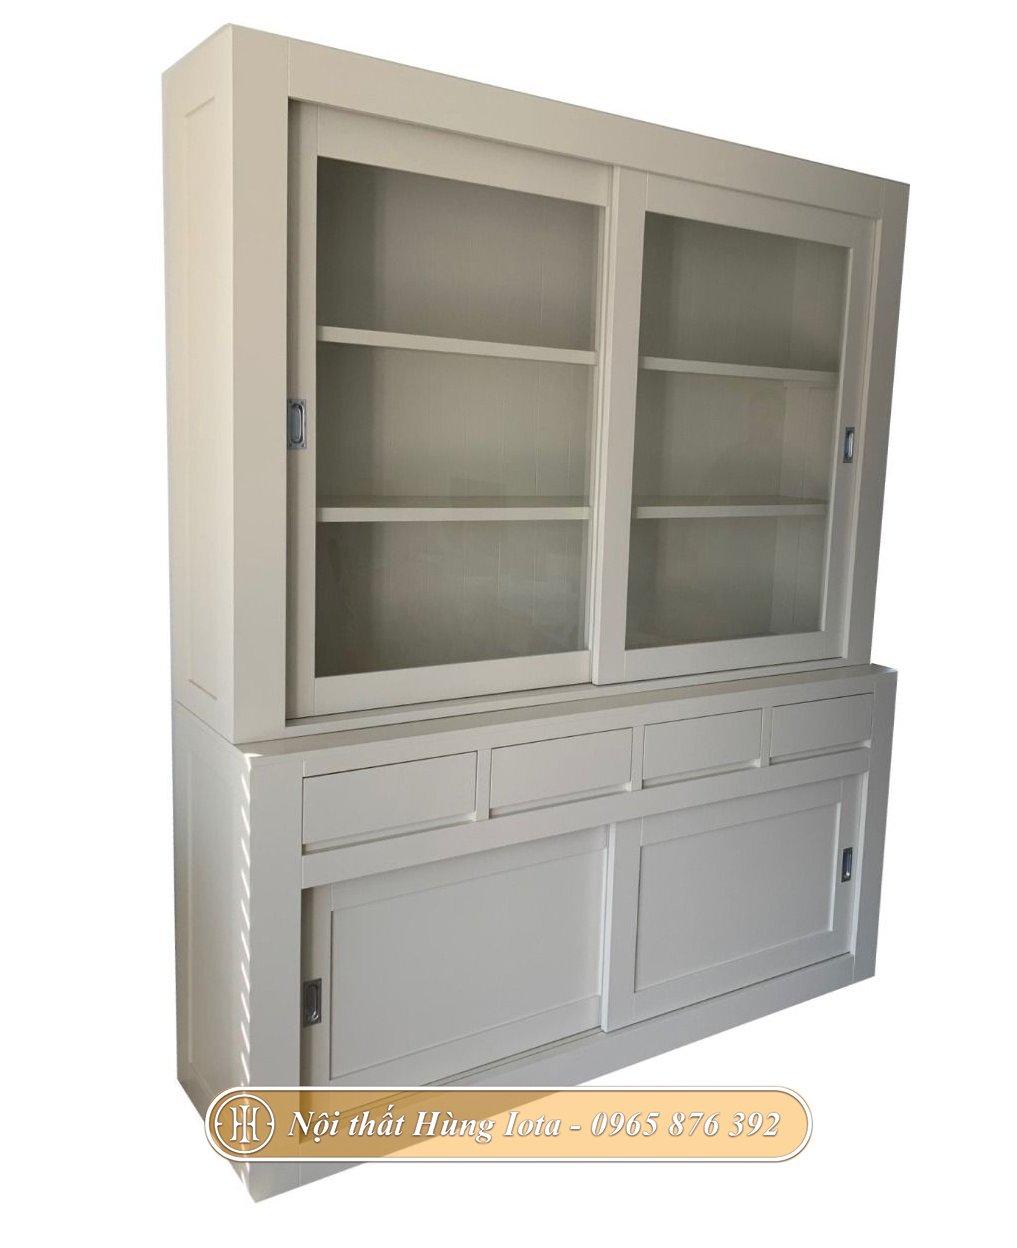 Tủ kính trưng bày 3 tầng màu trắng ngọc trai cửa trượt